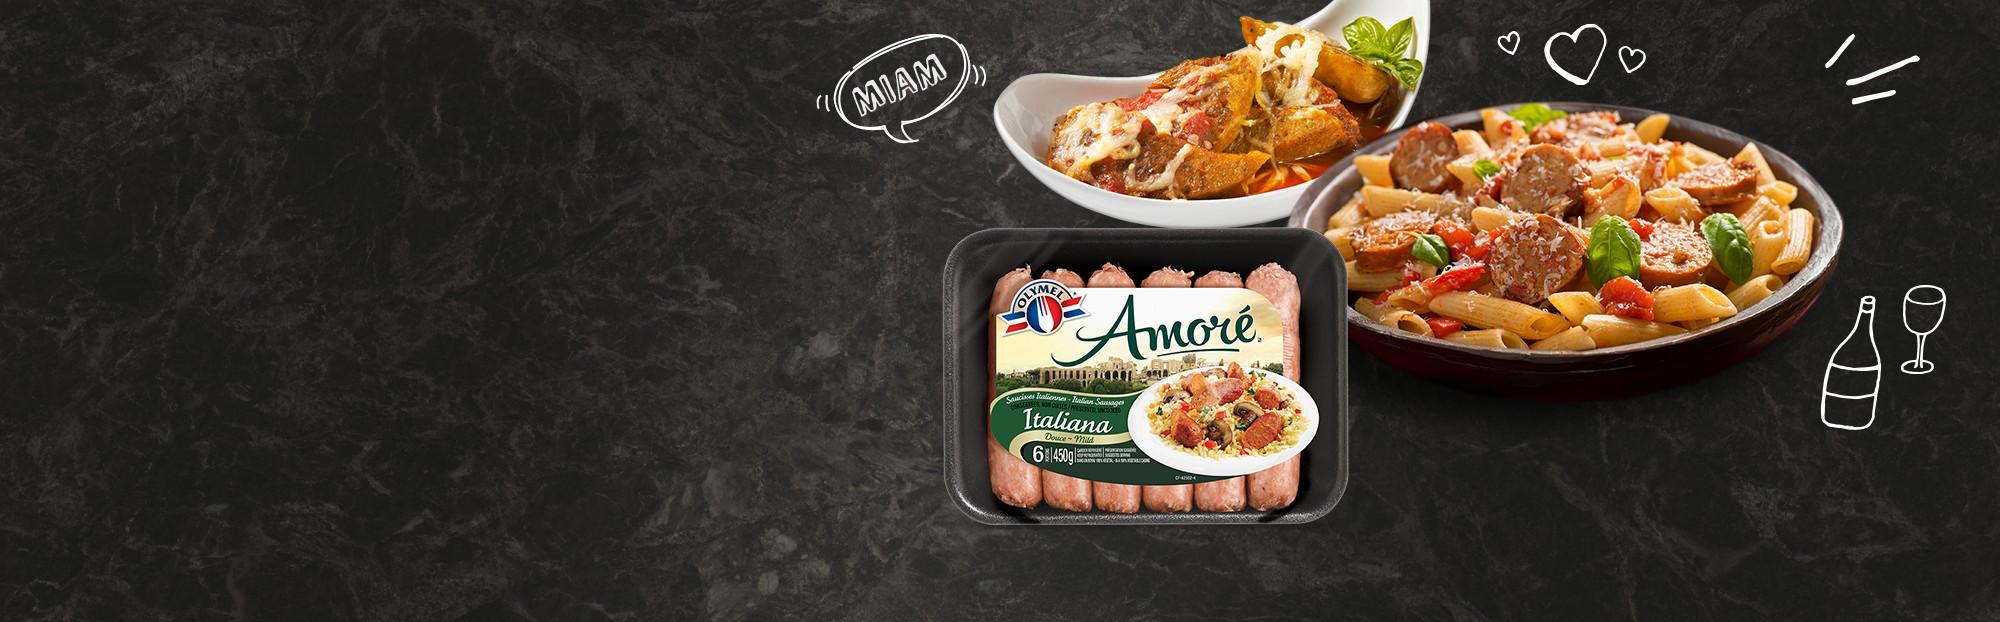 Saucisses Italiennes douce amoré